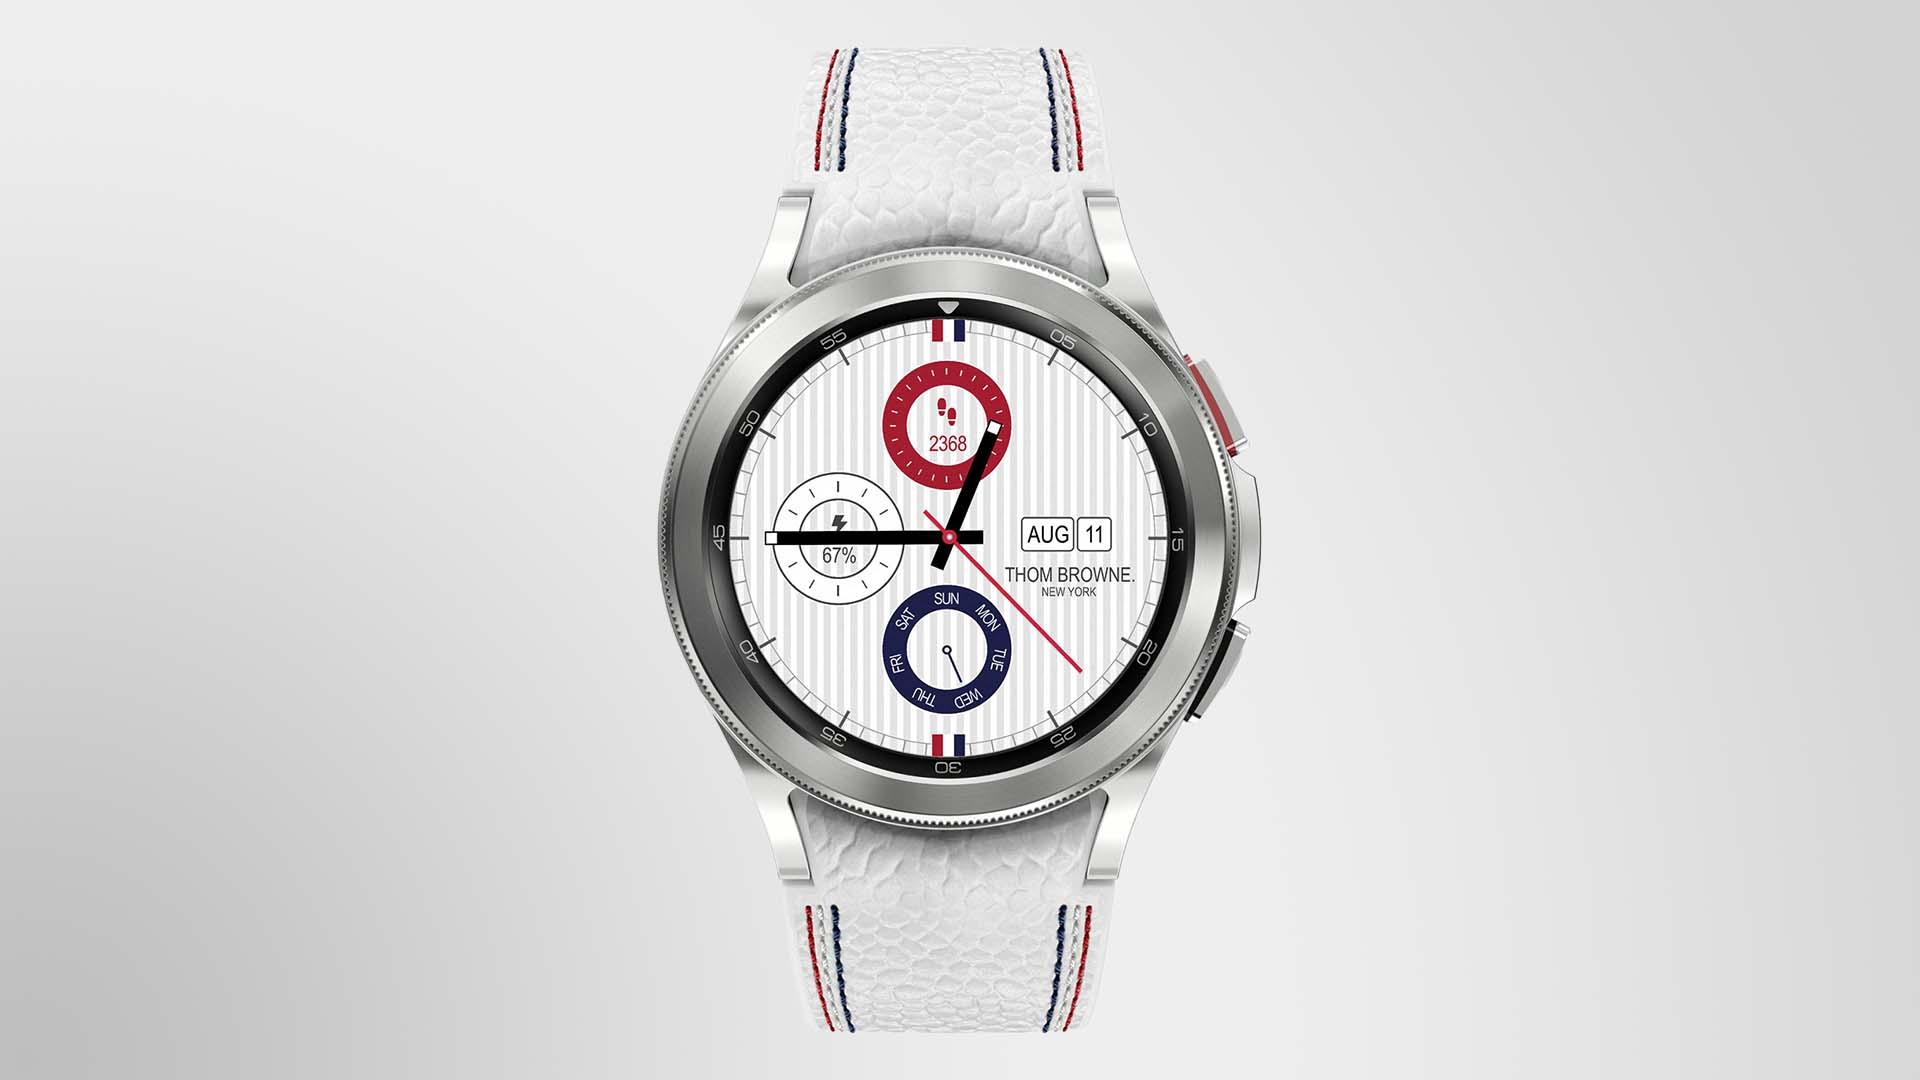 Samsung Galaxy Watch 4 Classic Thom Browne Edition: специальная версия смарт-часов за $800, созданная в сотрудничестве с американским модельером